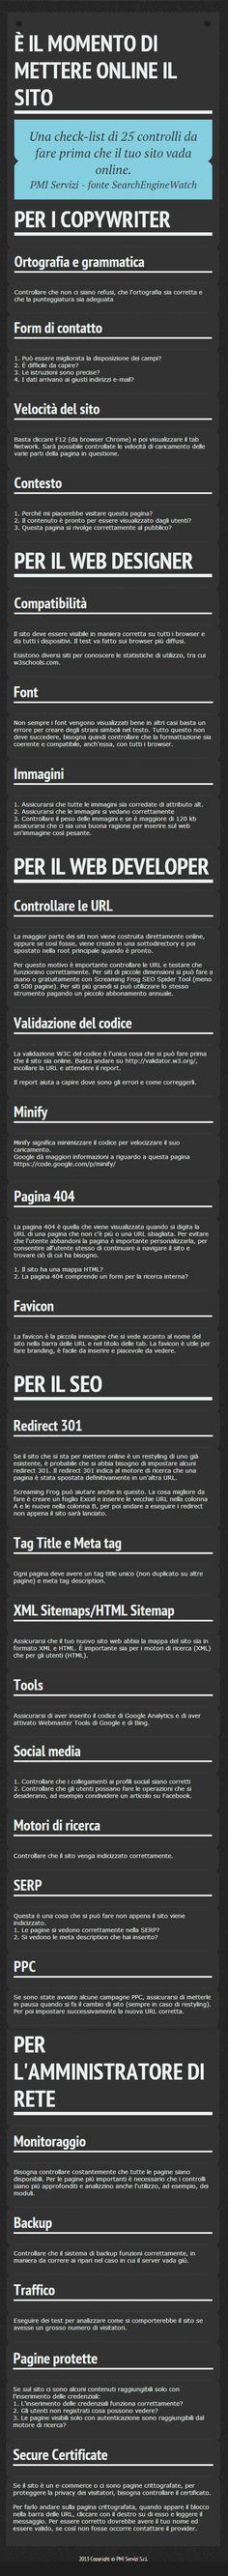 25 controlli prima di mettere online un nuovo sito @Seo Roma